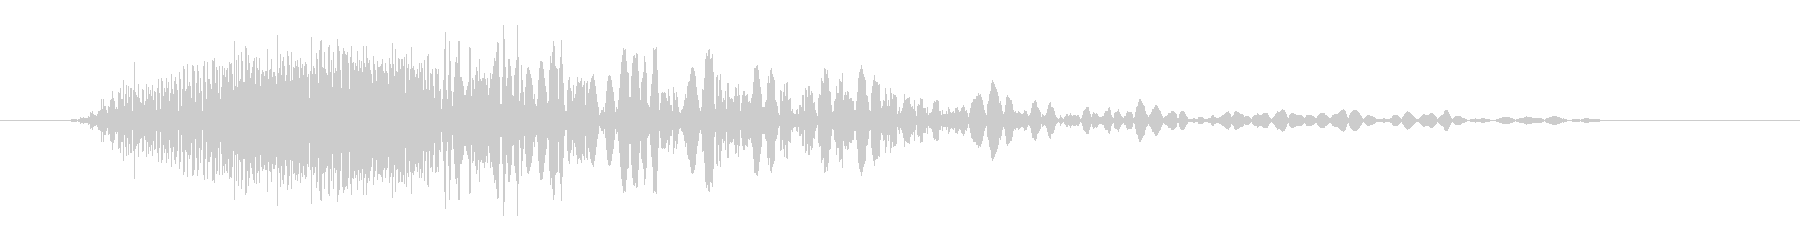 ビッグマジックザッププーフの未再生の波形